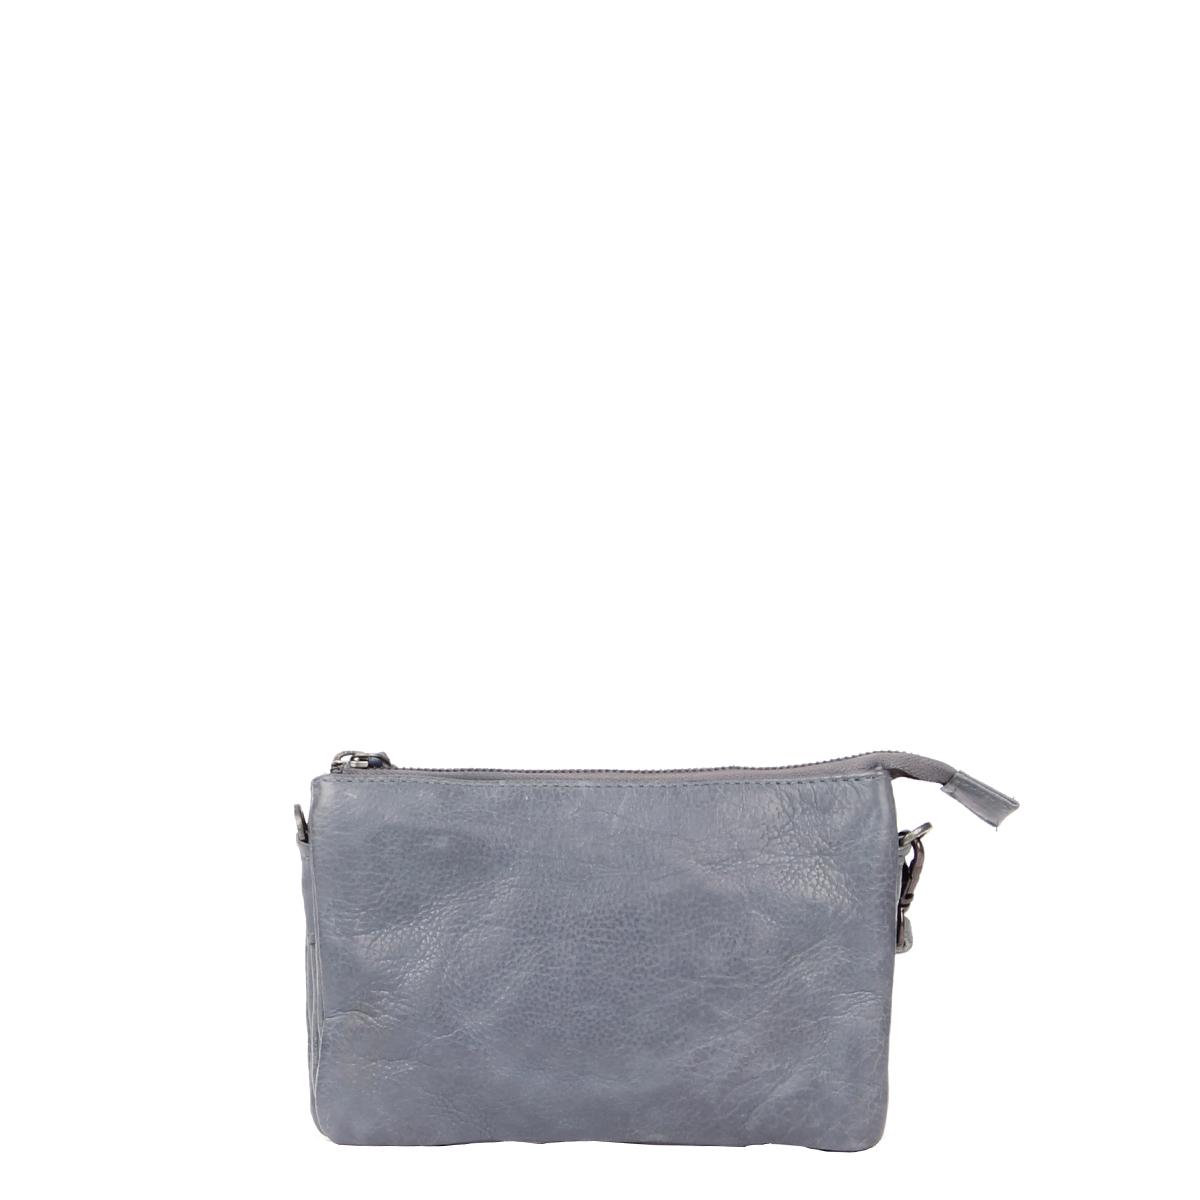 08d9779cc0 Home Bags Legend clutch Como iced blue